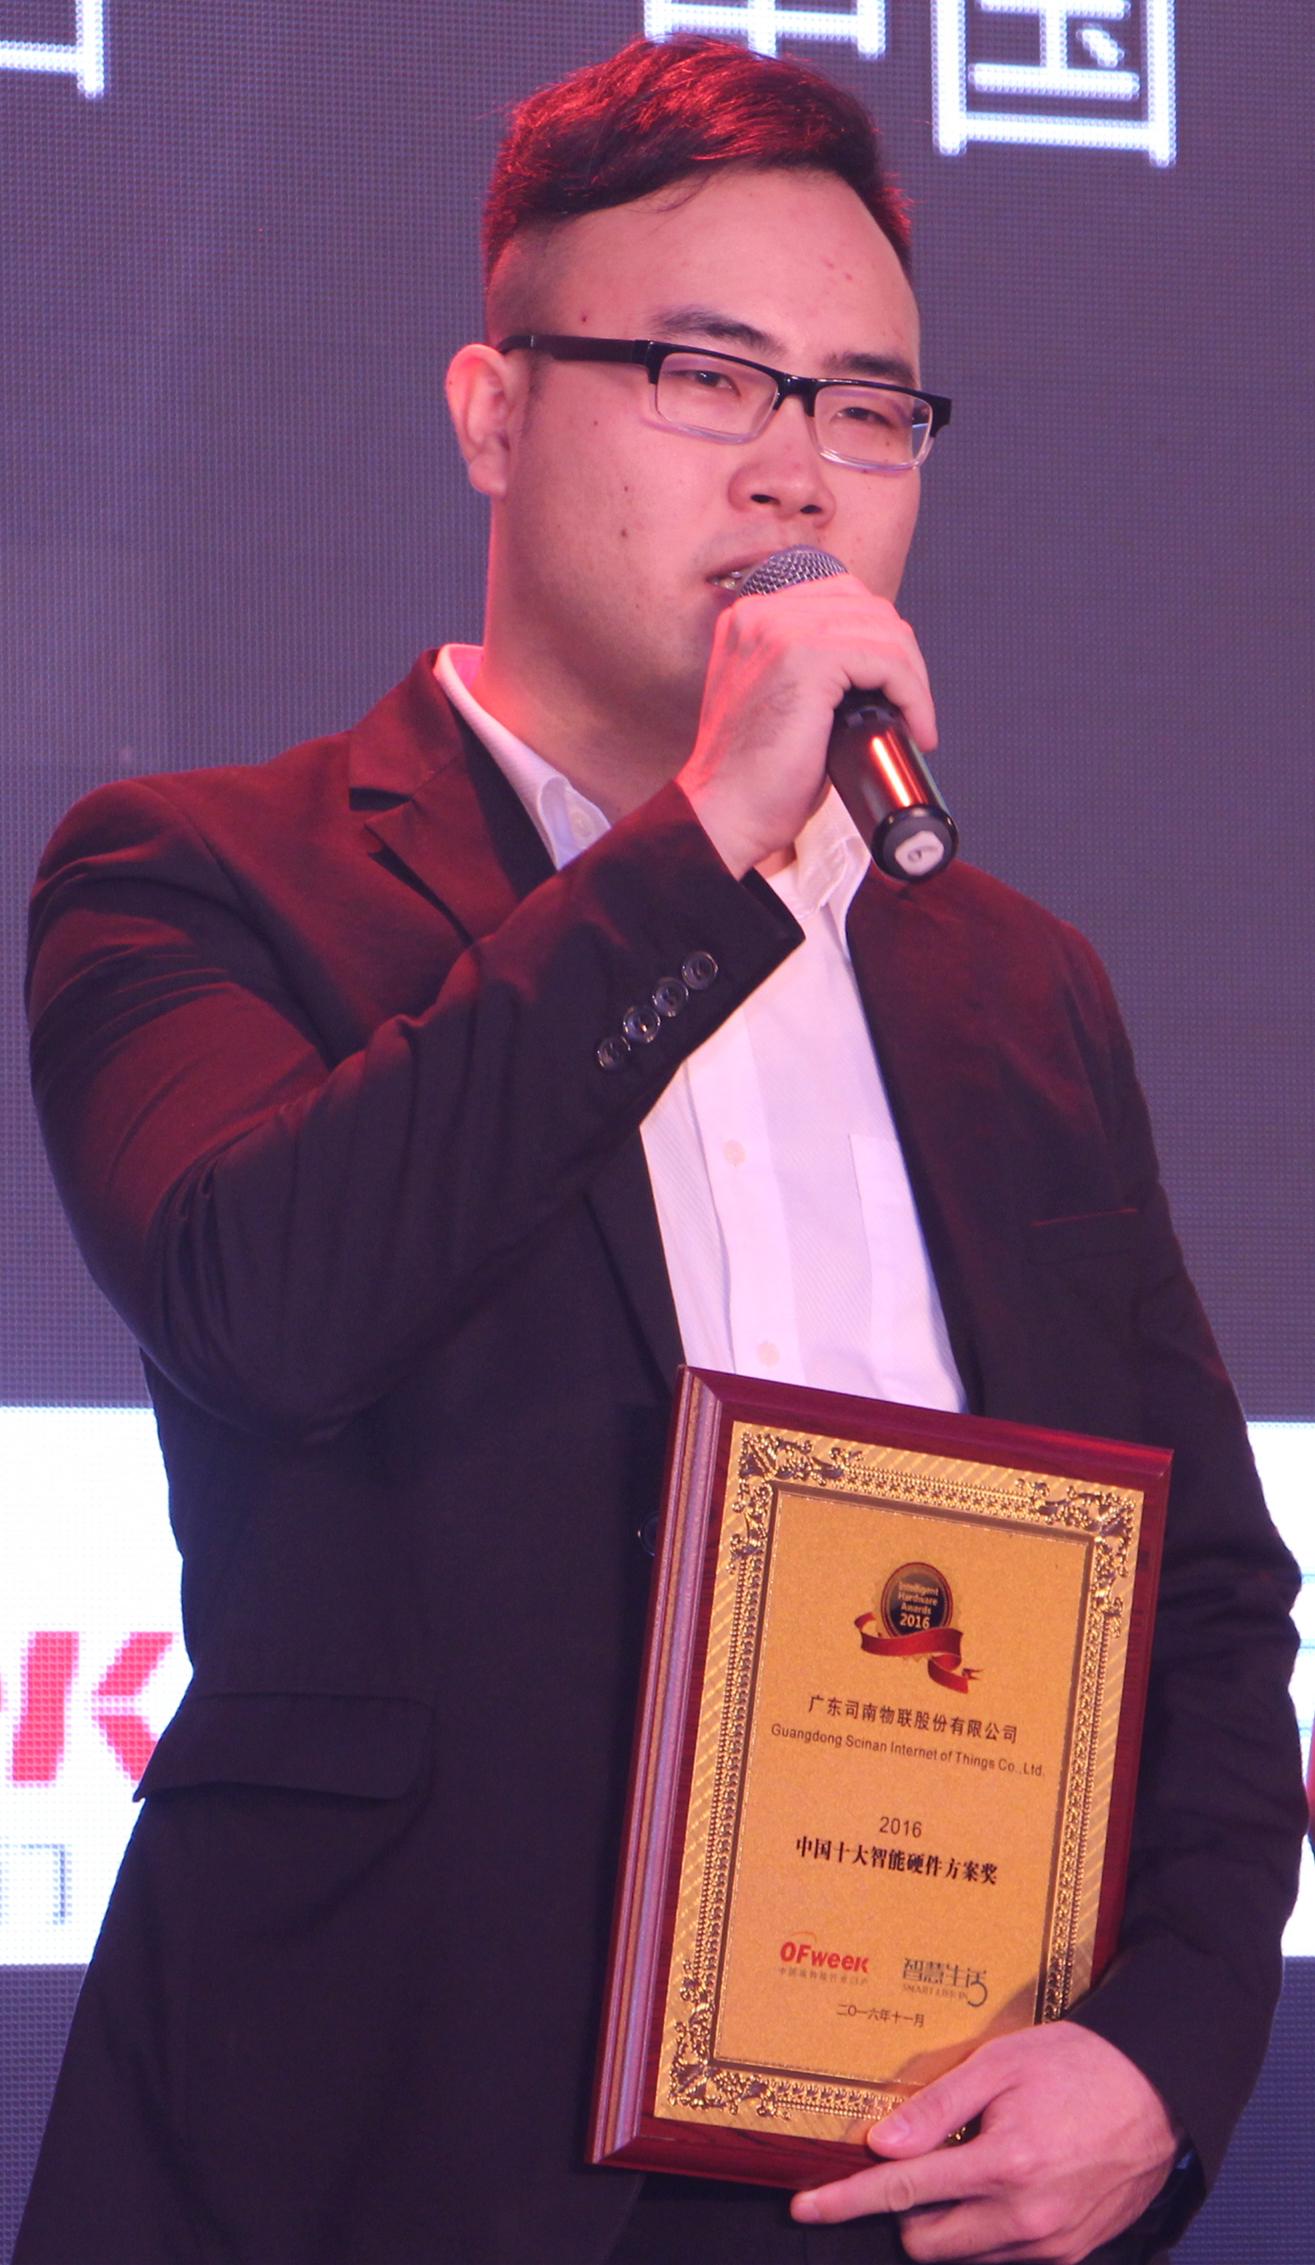 广东司南物联股份有限公司获China Intelligent Hardware Awards 2016中国十大智能硬件方案奖